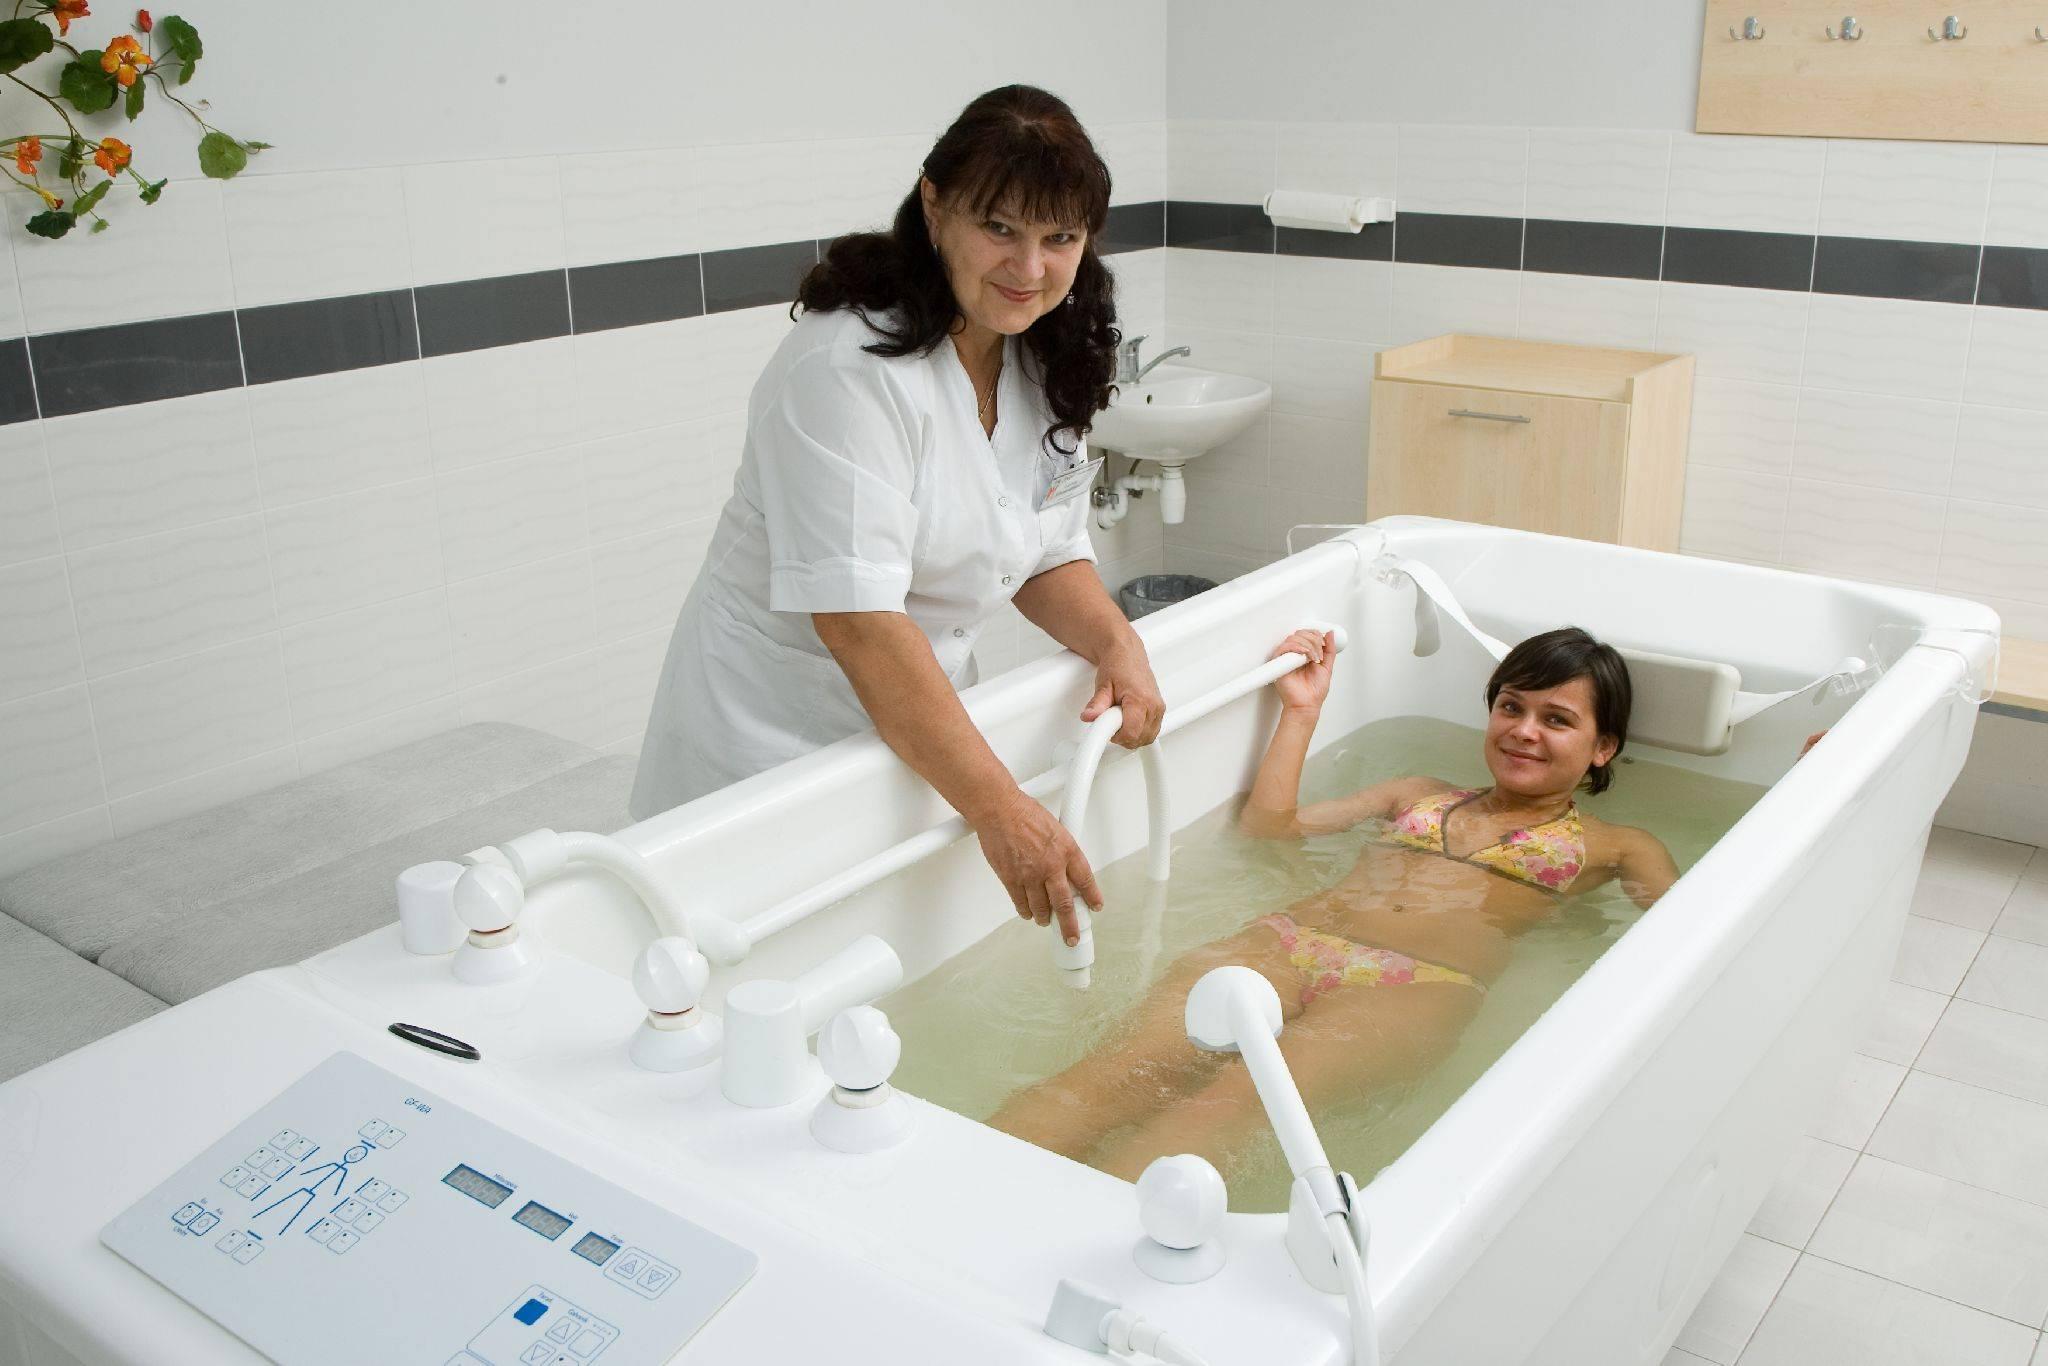 Физиотерапия в лечении болезней нервной системы: водолечение. часть 2